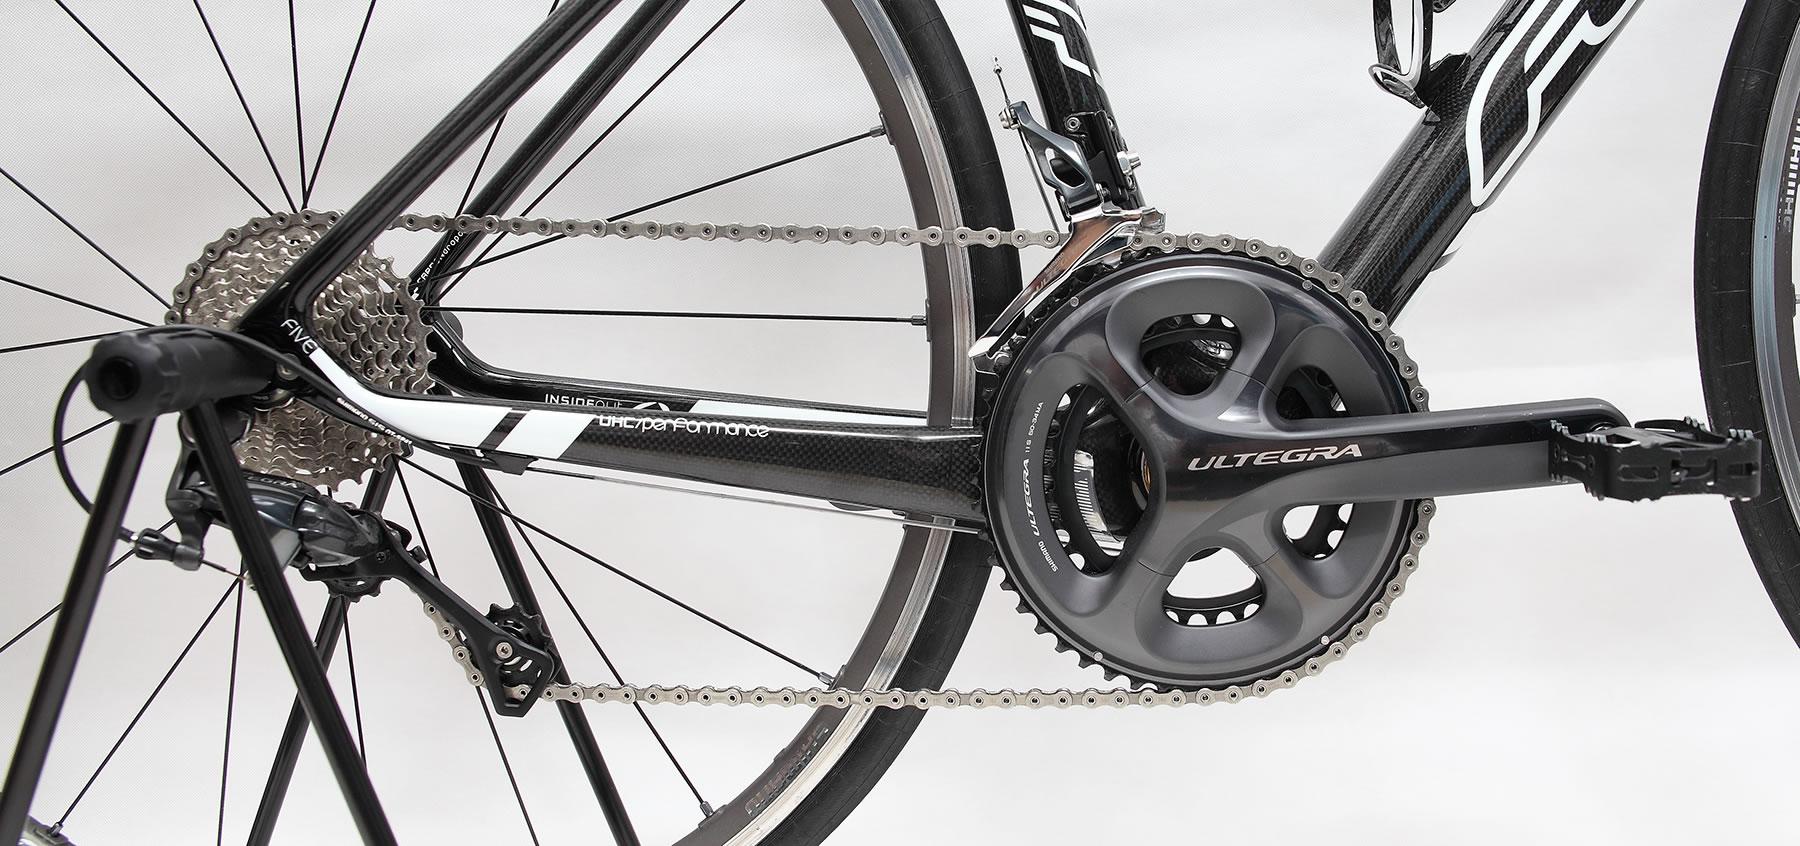 自転車の 自転車 タイヤ ホイール 交換 価格 : アルテグラ6800コンポ 換装作業 ...